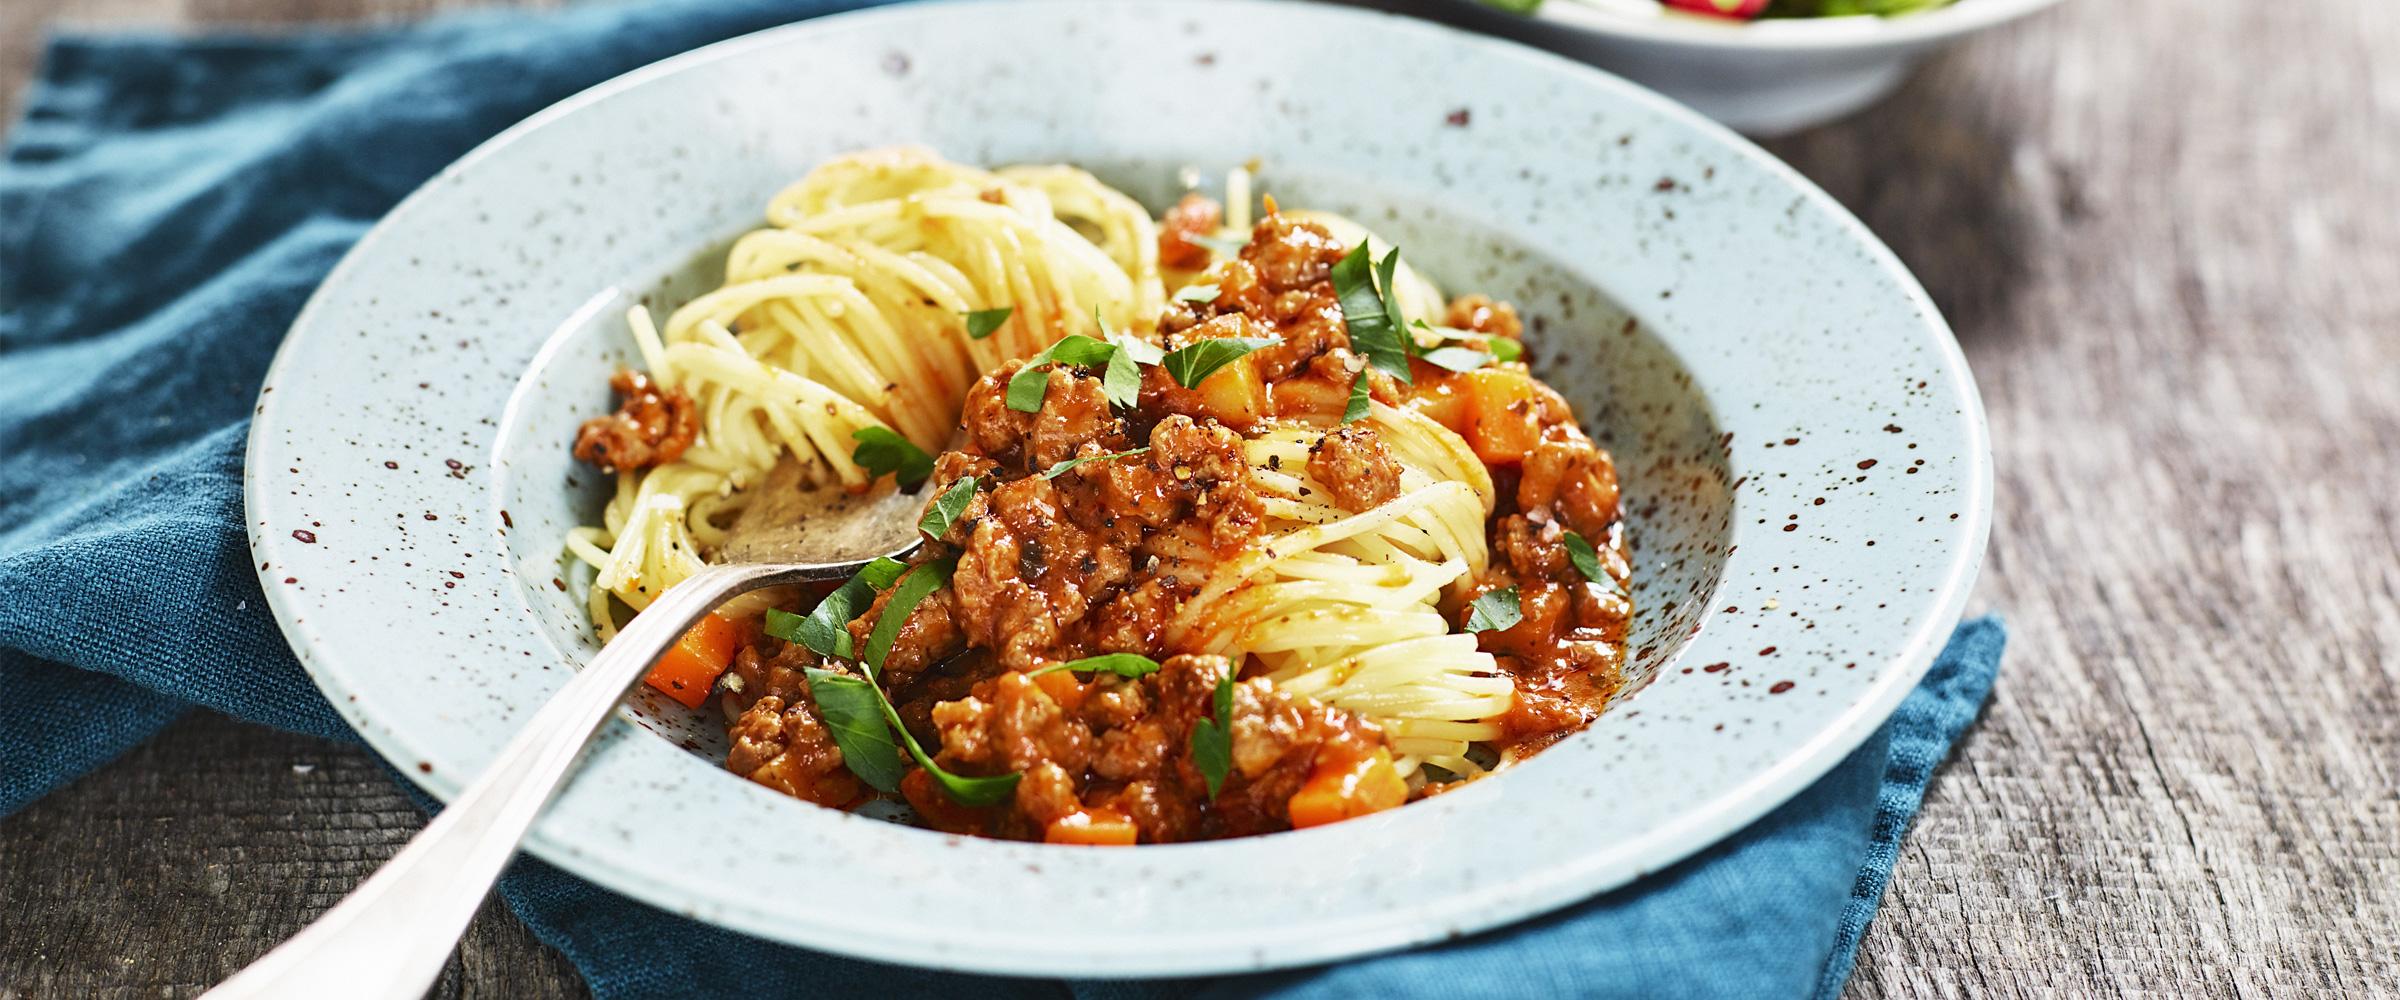 enkel sås till pasta